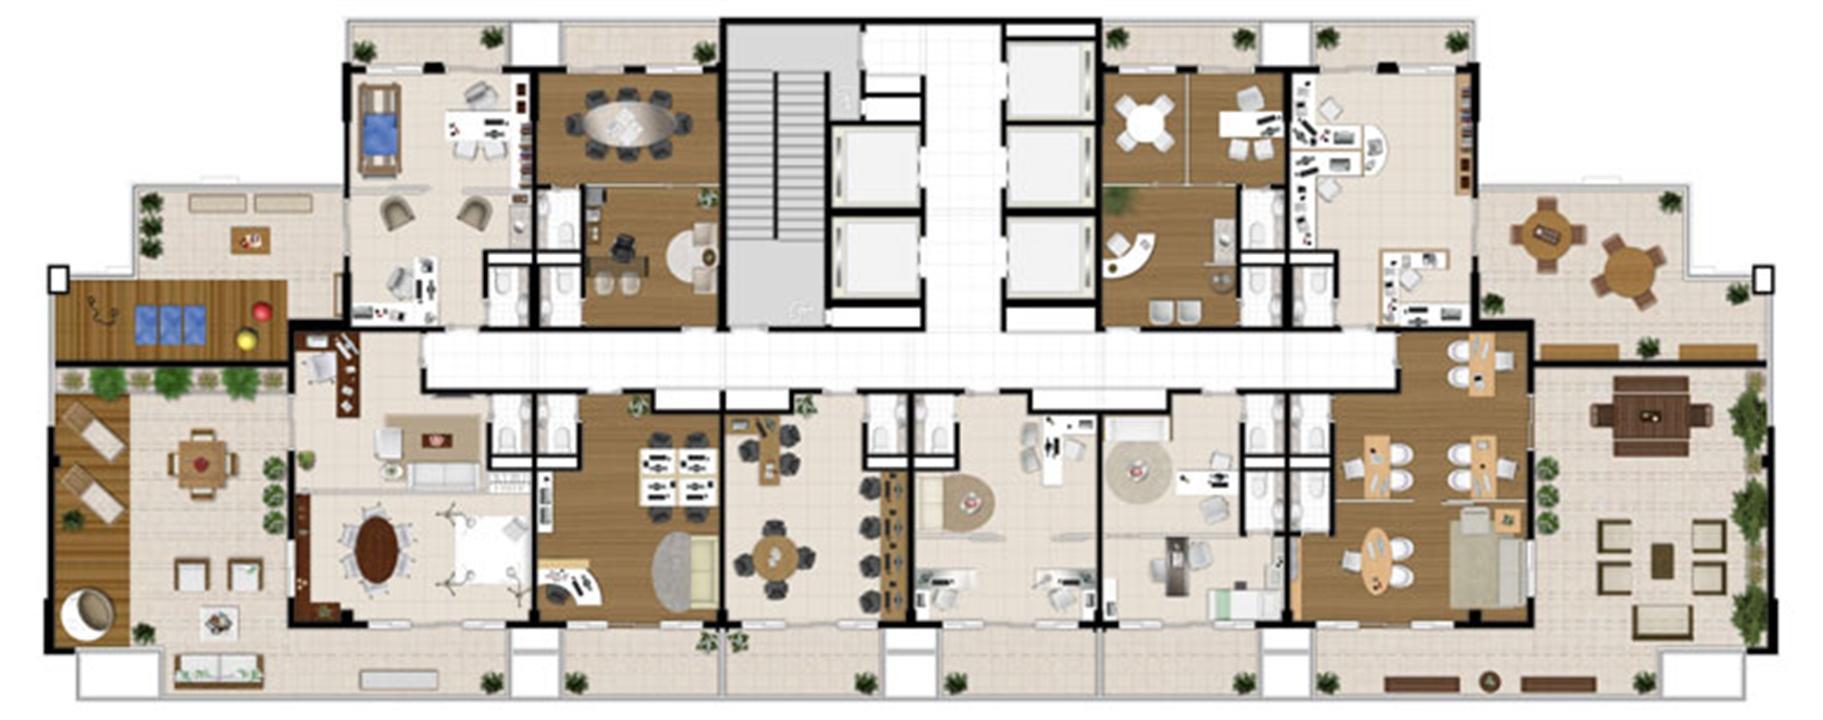 Planta - Tipo ilustrada da cobertura | Escritórios Design – Salas Comerciaisno  Cambuí - Campinas - São Paulo